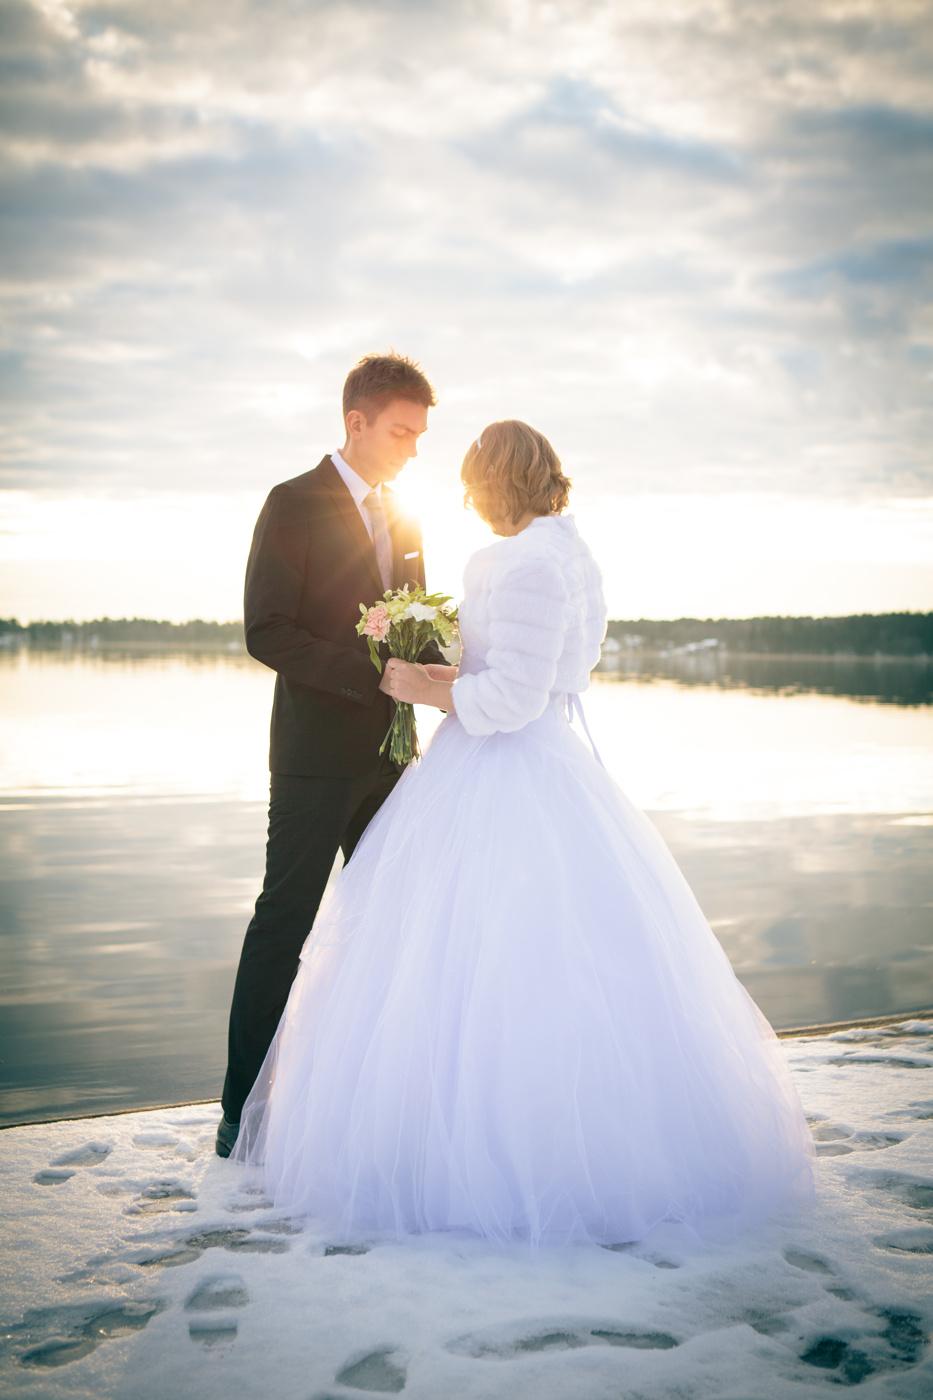 509e767f7fad Mikaela & Mattias romantiska nyårsbröllop | EcoBride - Inspiration för  ekologiska bröllop